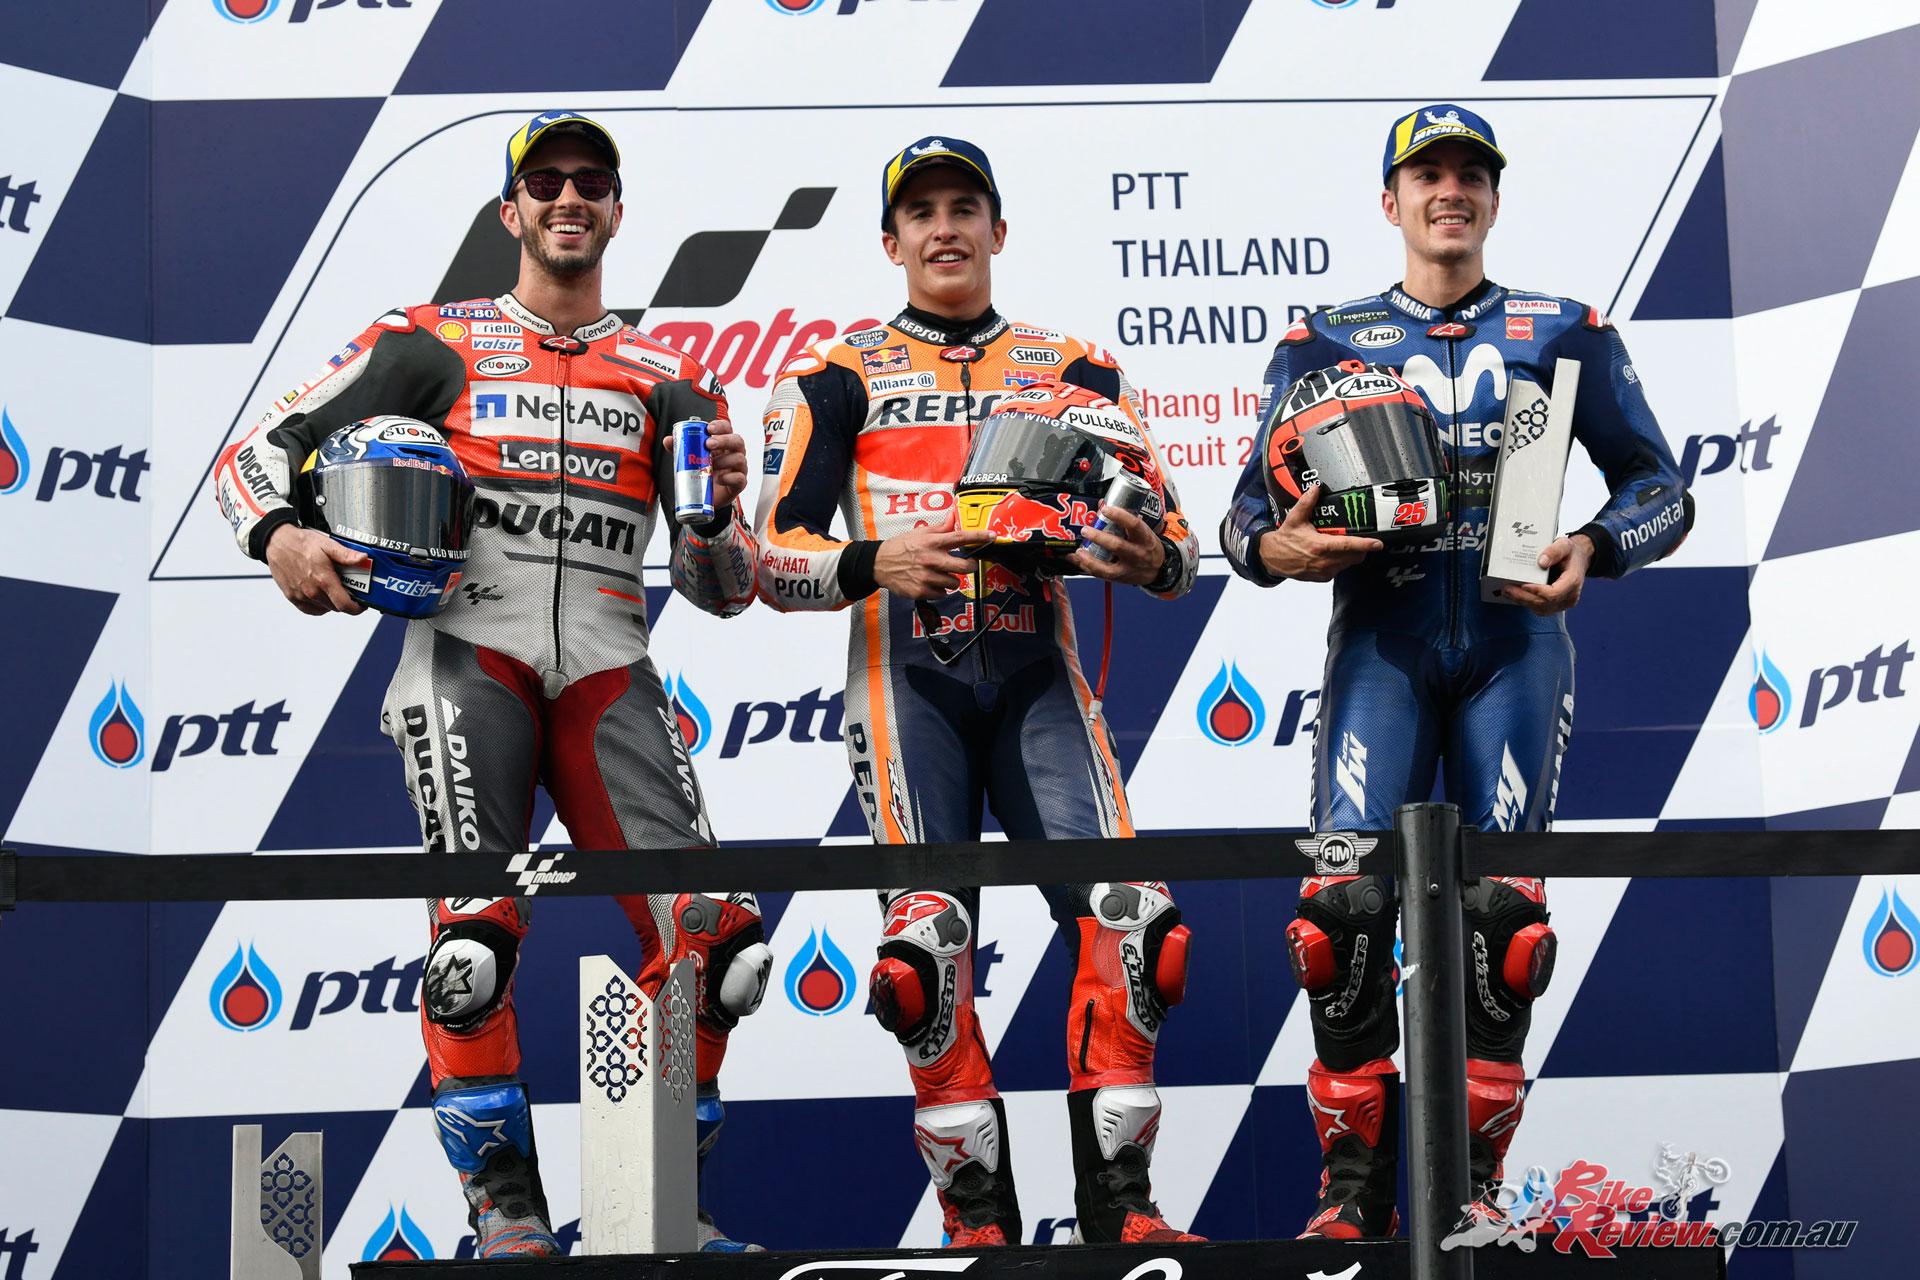 MotoGP Round 15 Thailand - 2018 - MotoGP Podium - Dovi, Marquez, Vinales